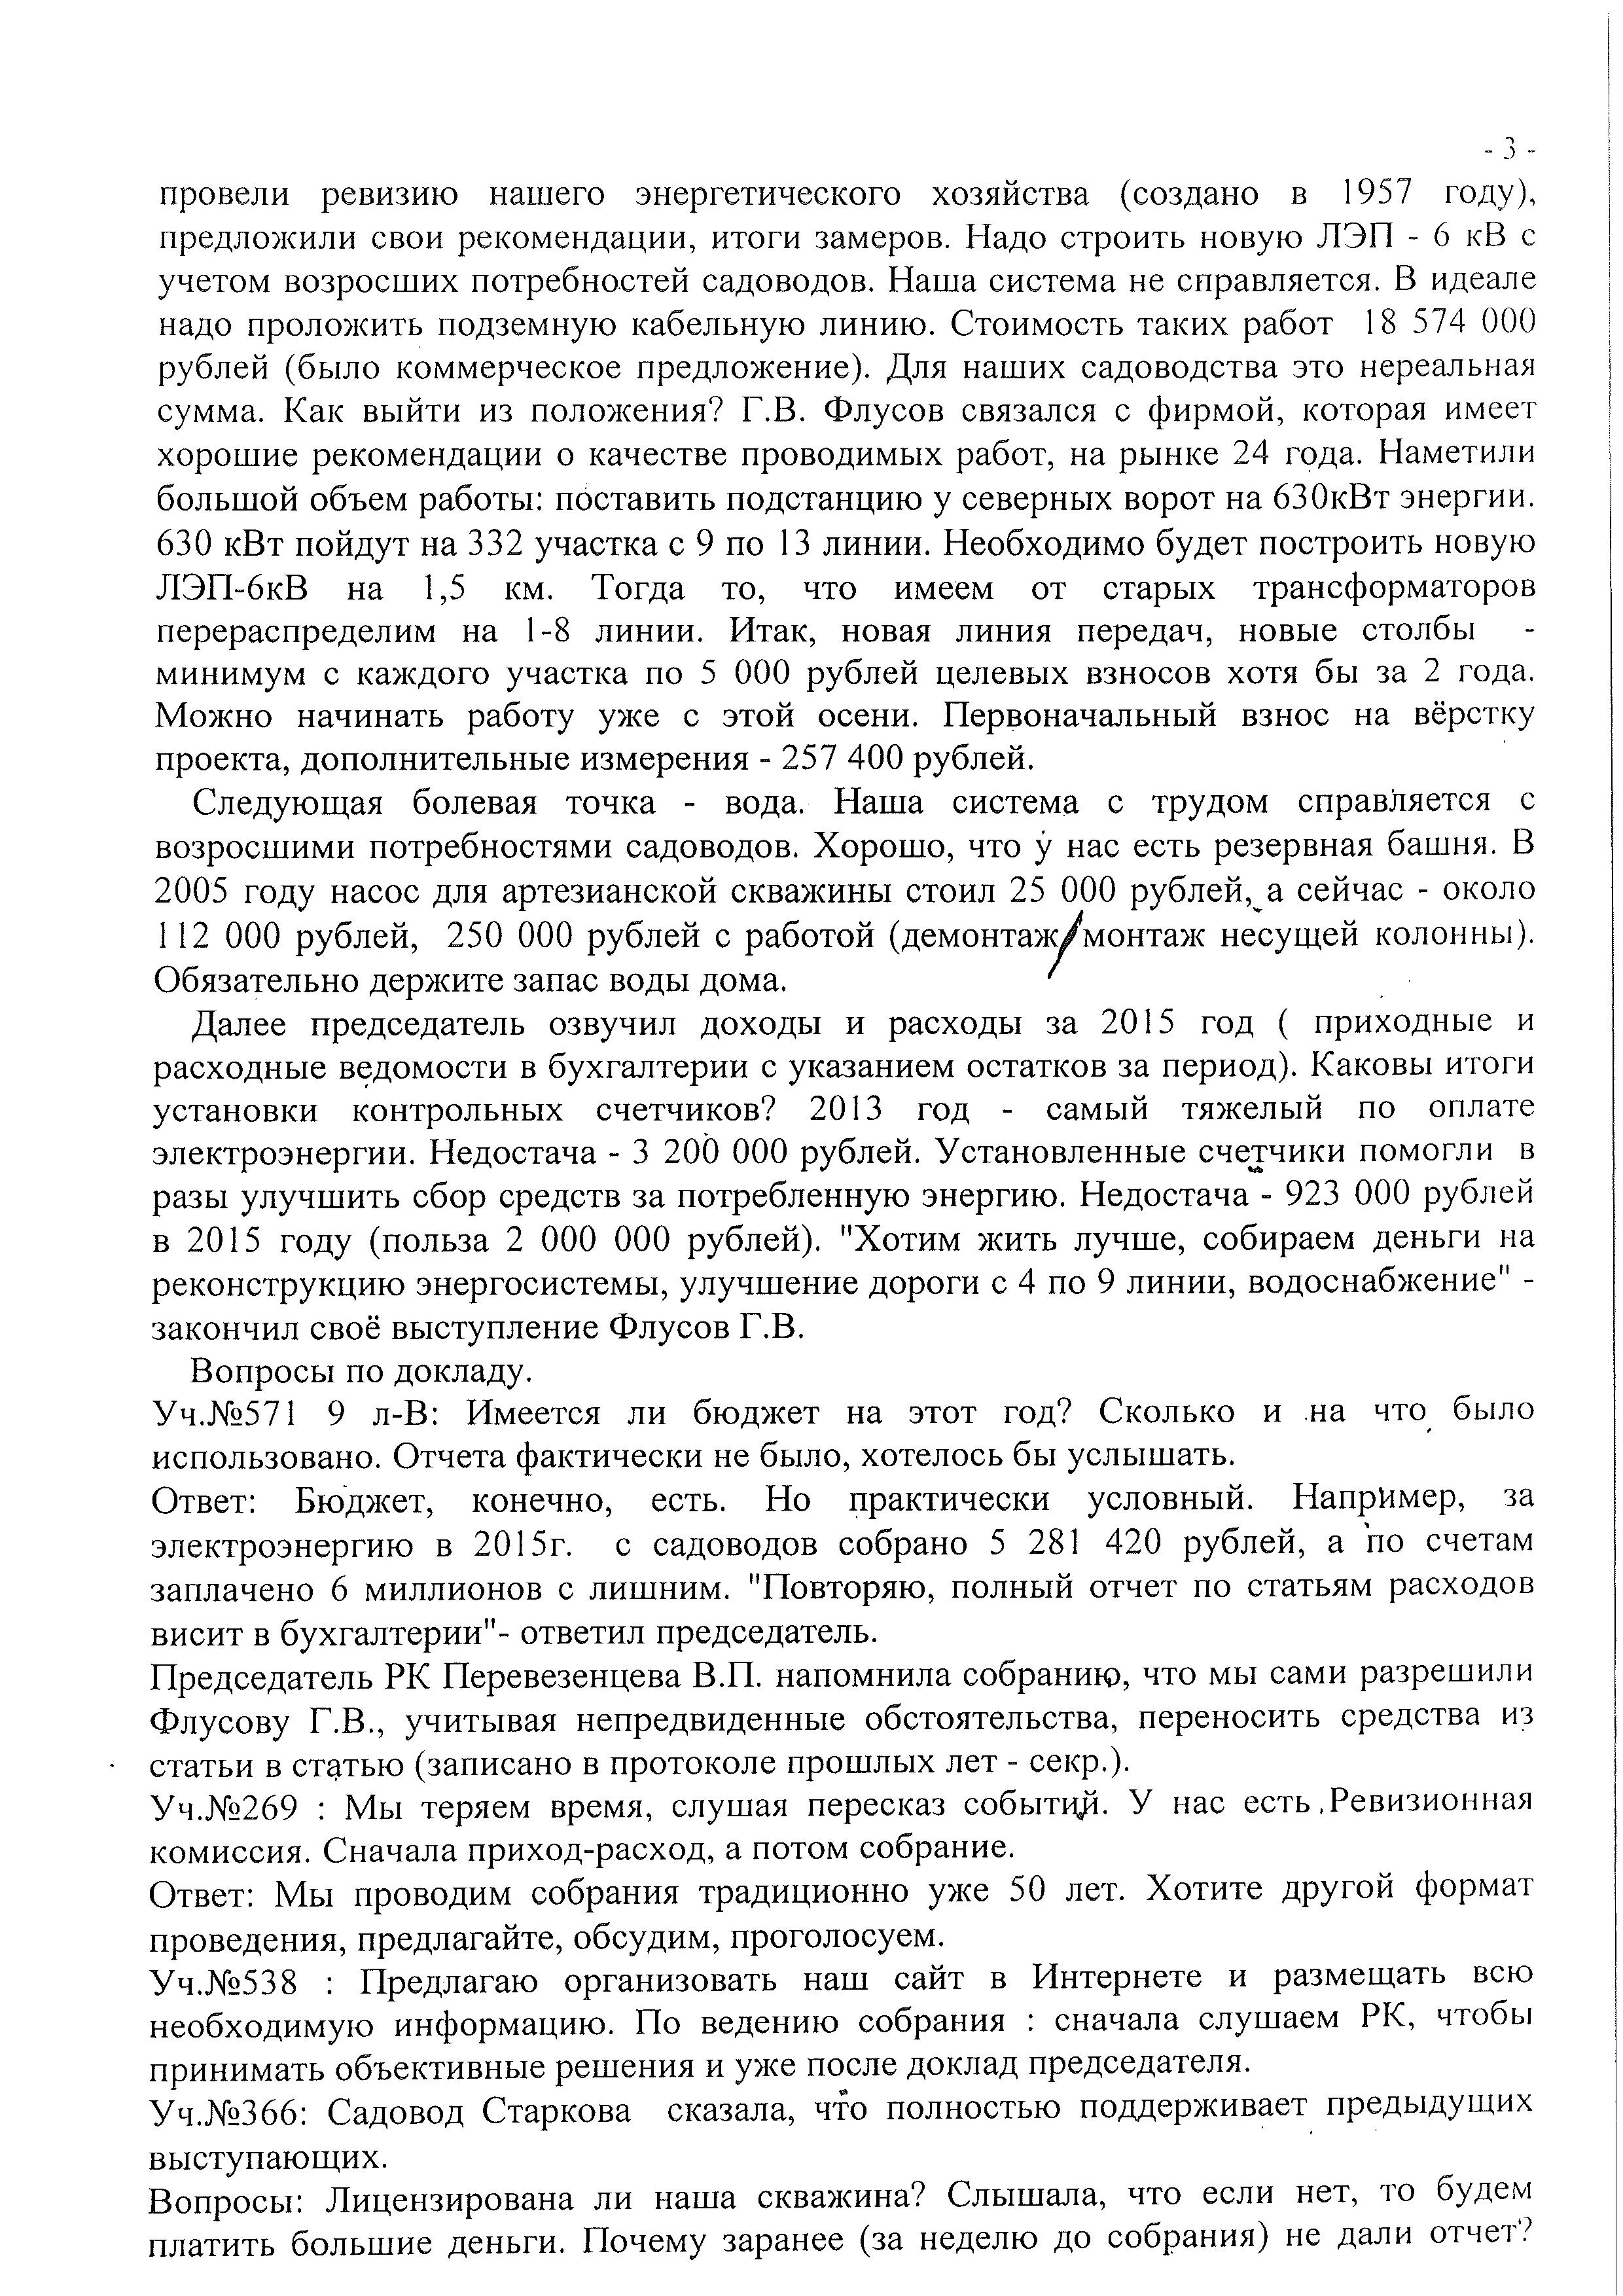 Протокол общего собрания членов СНТ Мичуринец ГУВД Москвы 2016 стр 3